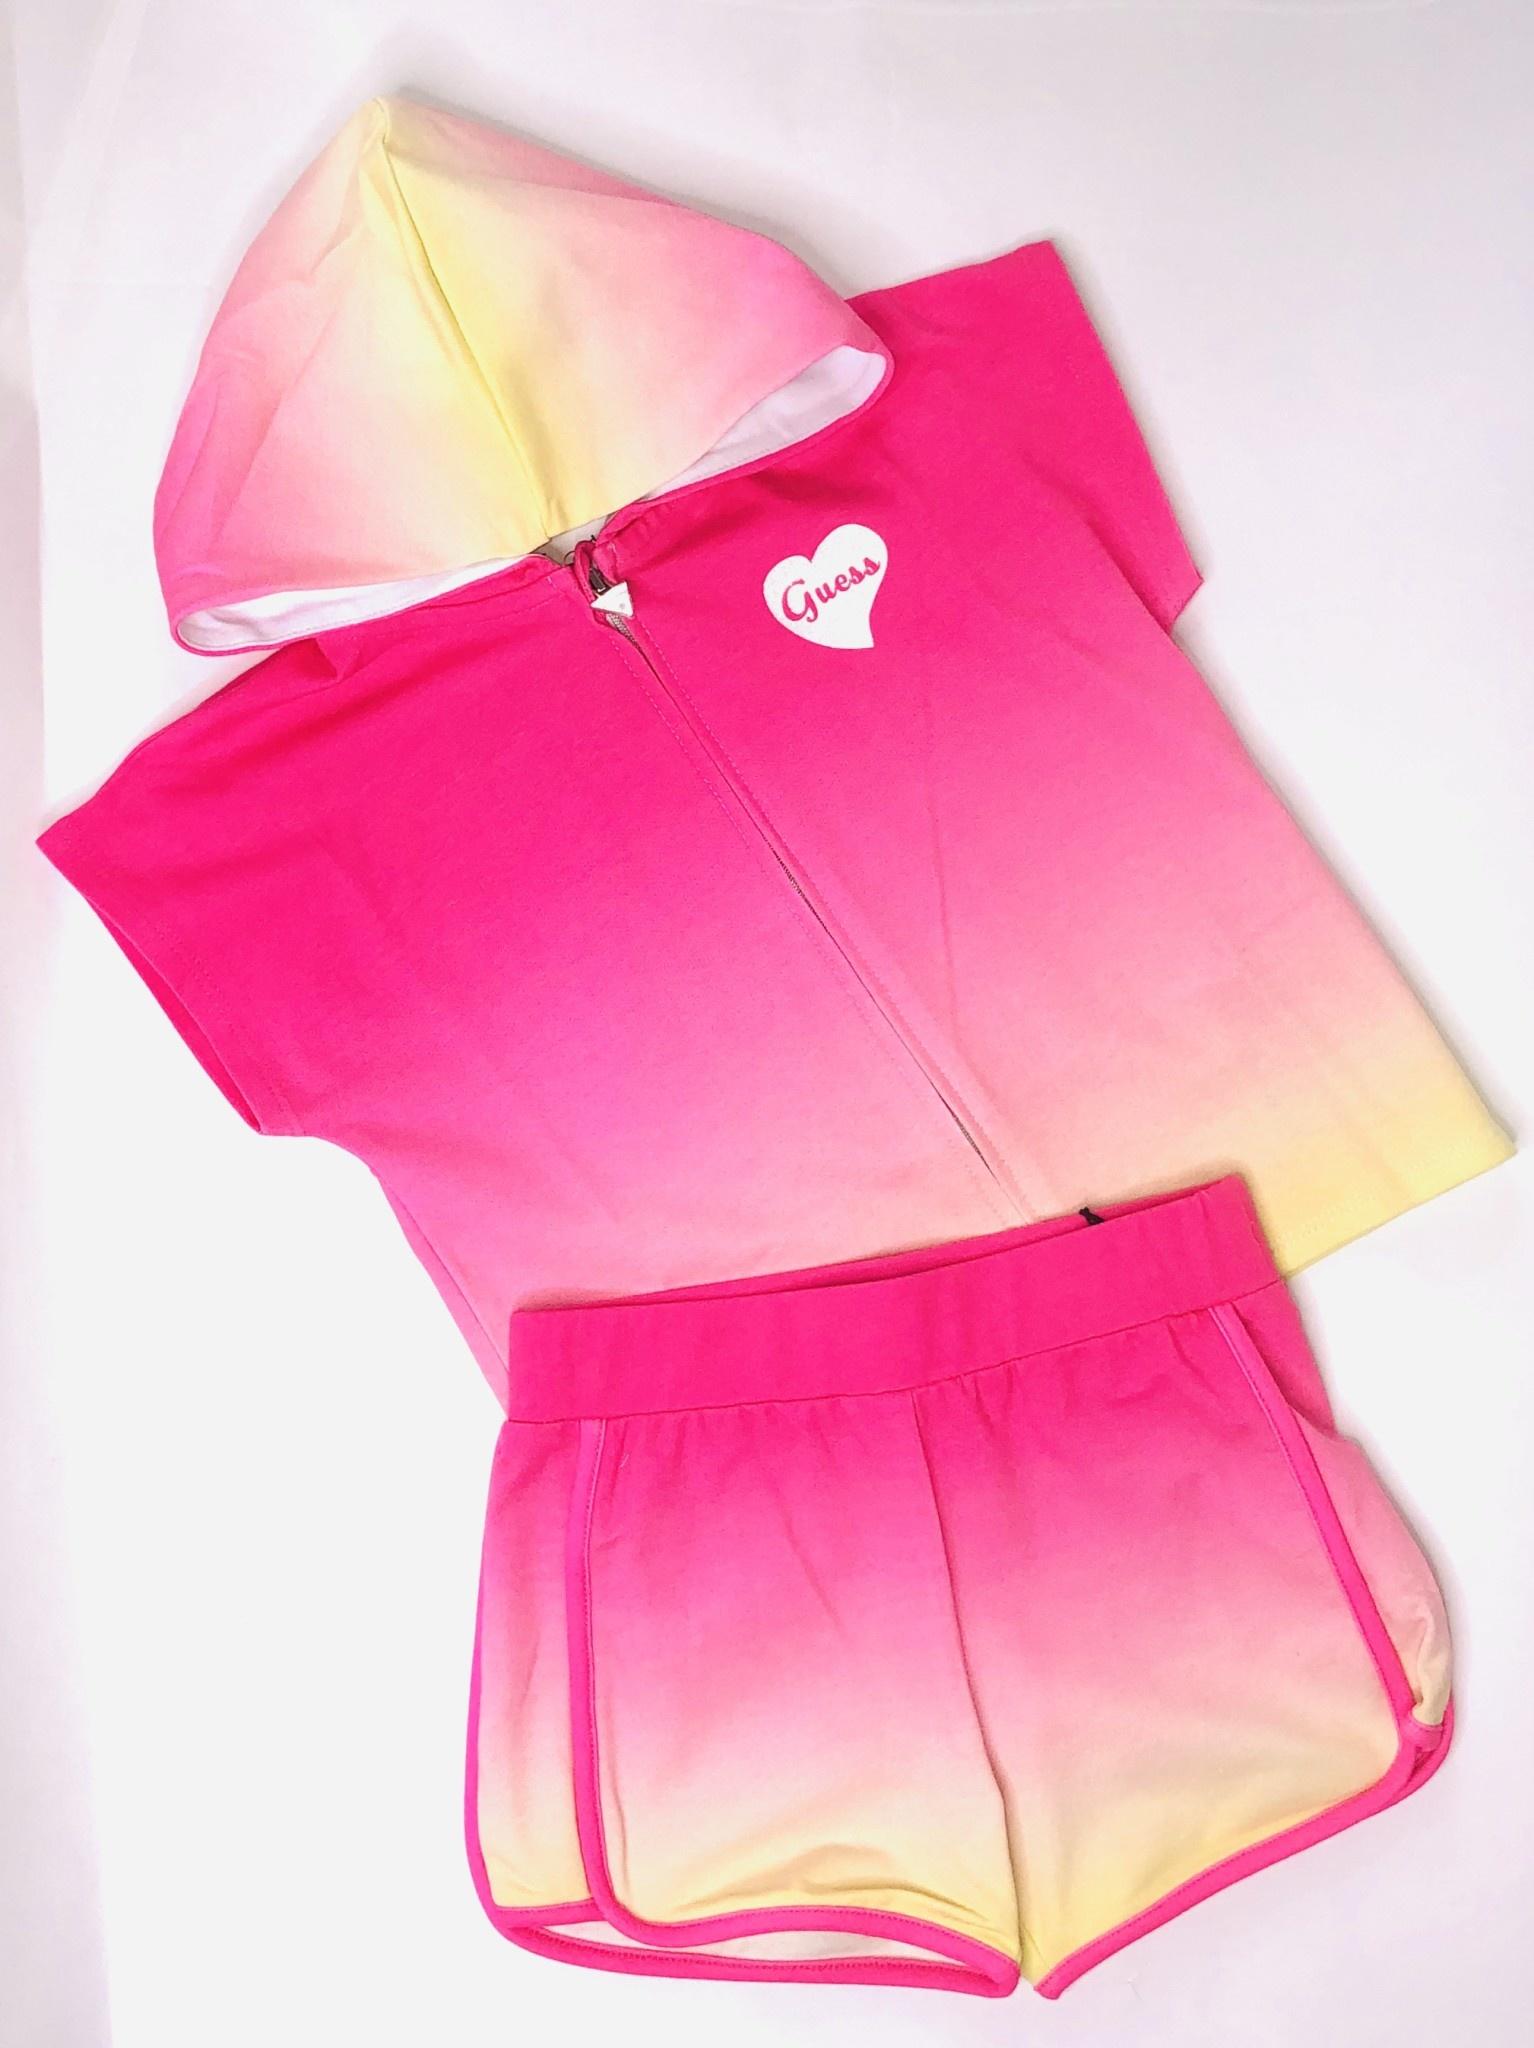 Guess Guess Girls Pink & Yellow Zipper & Shorts Set